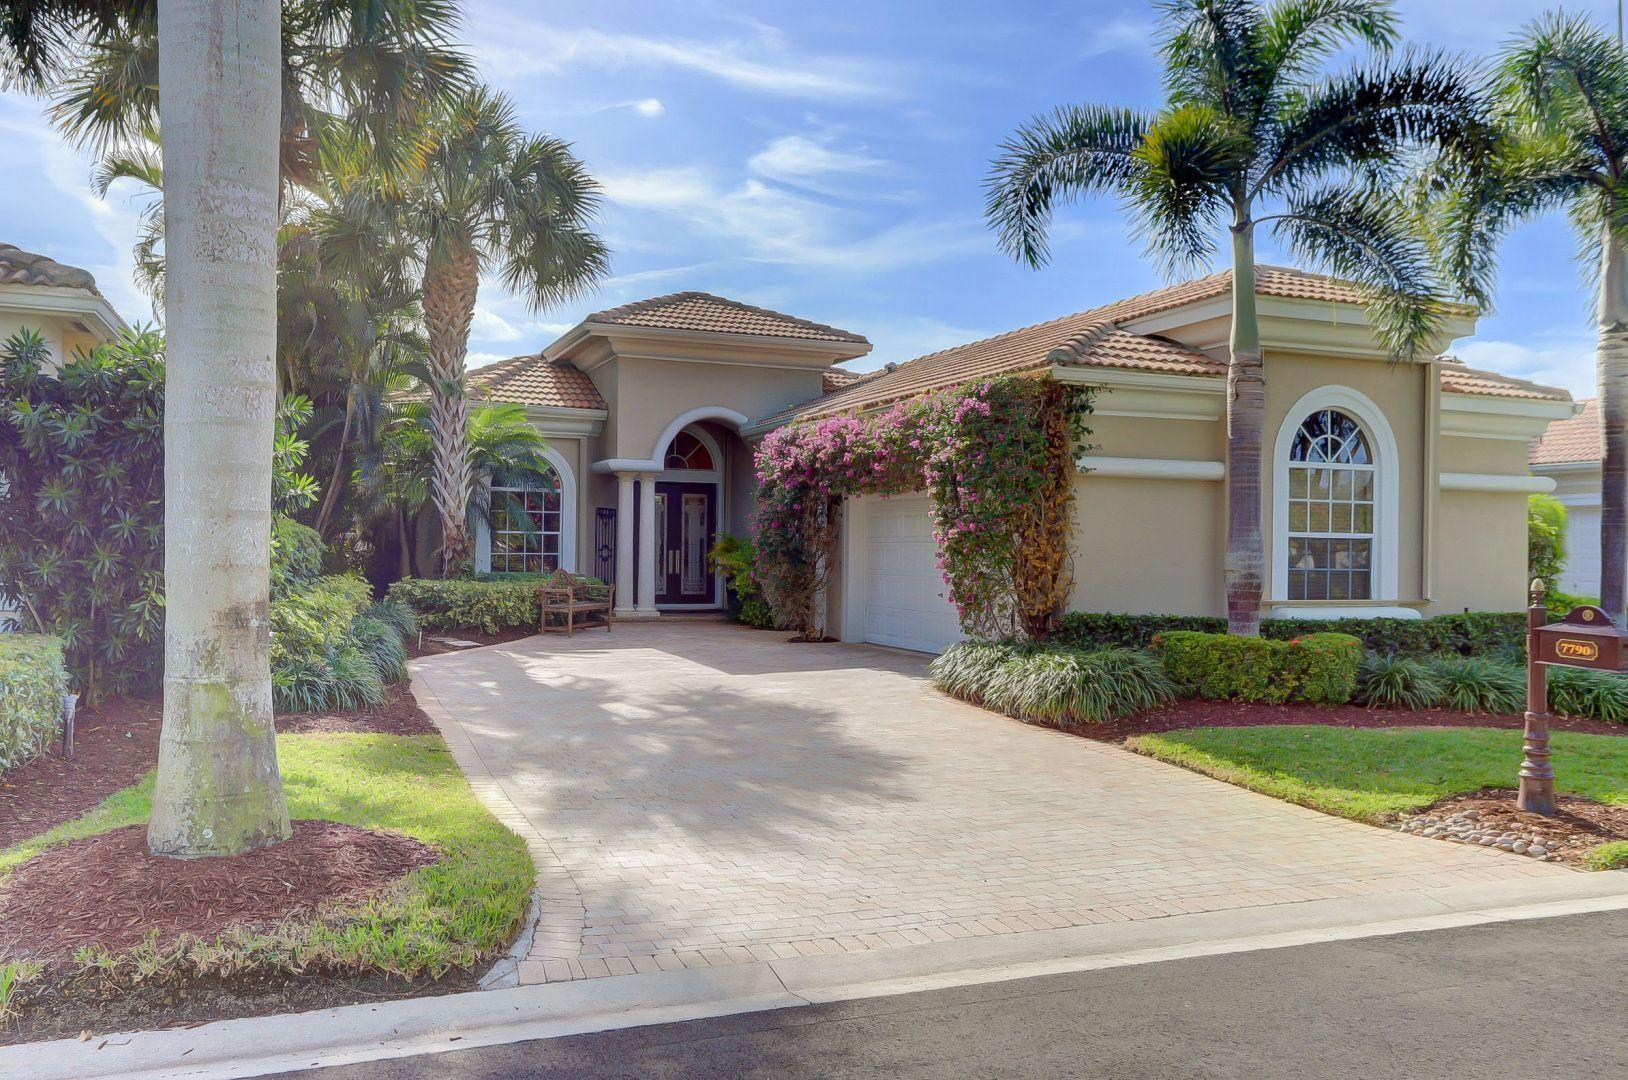 7790 Villa D Este Way  Delray Beach, FL 33446